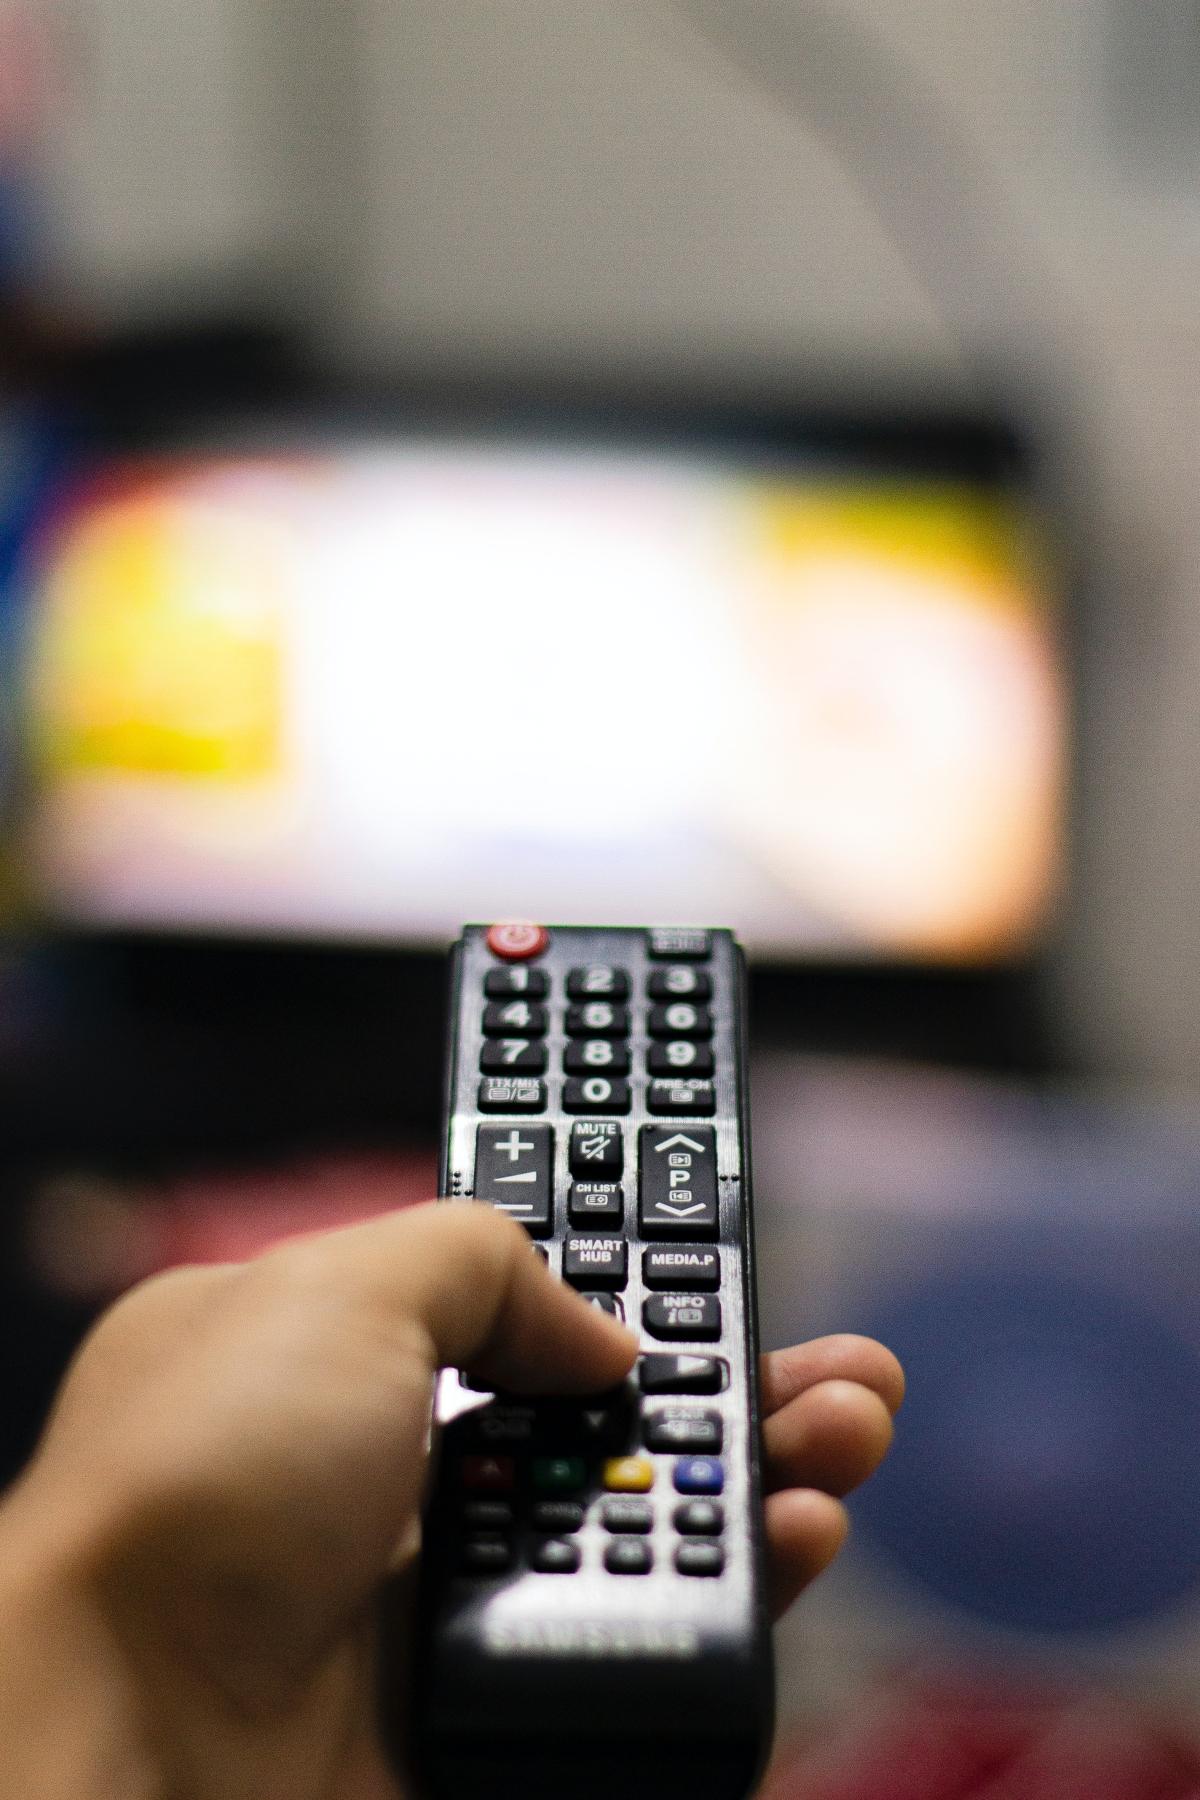 TCL, Flipkart unveil new range of smart TVs in India